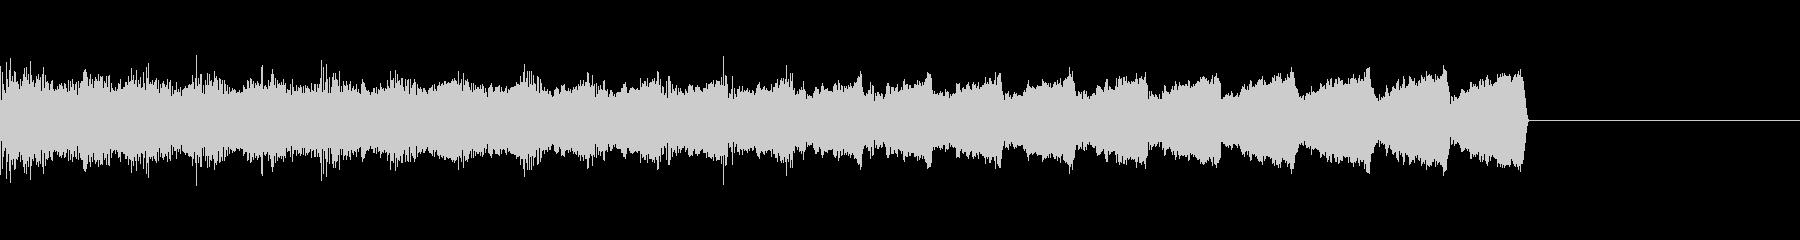 【ゲーム】短めなチャージ・吸収・回復音の未再生の波形